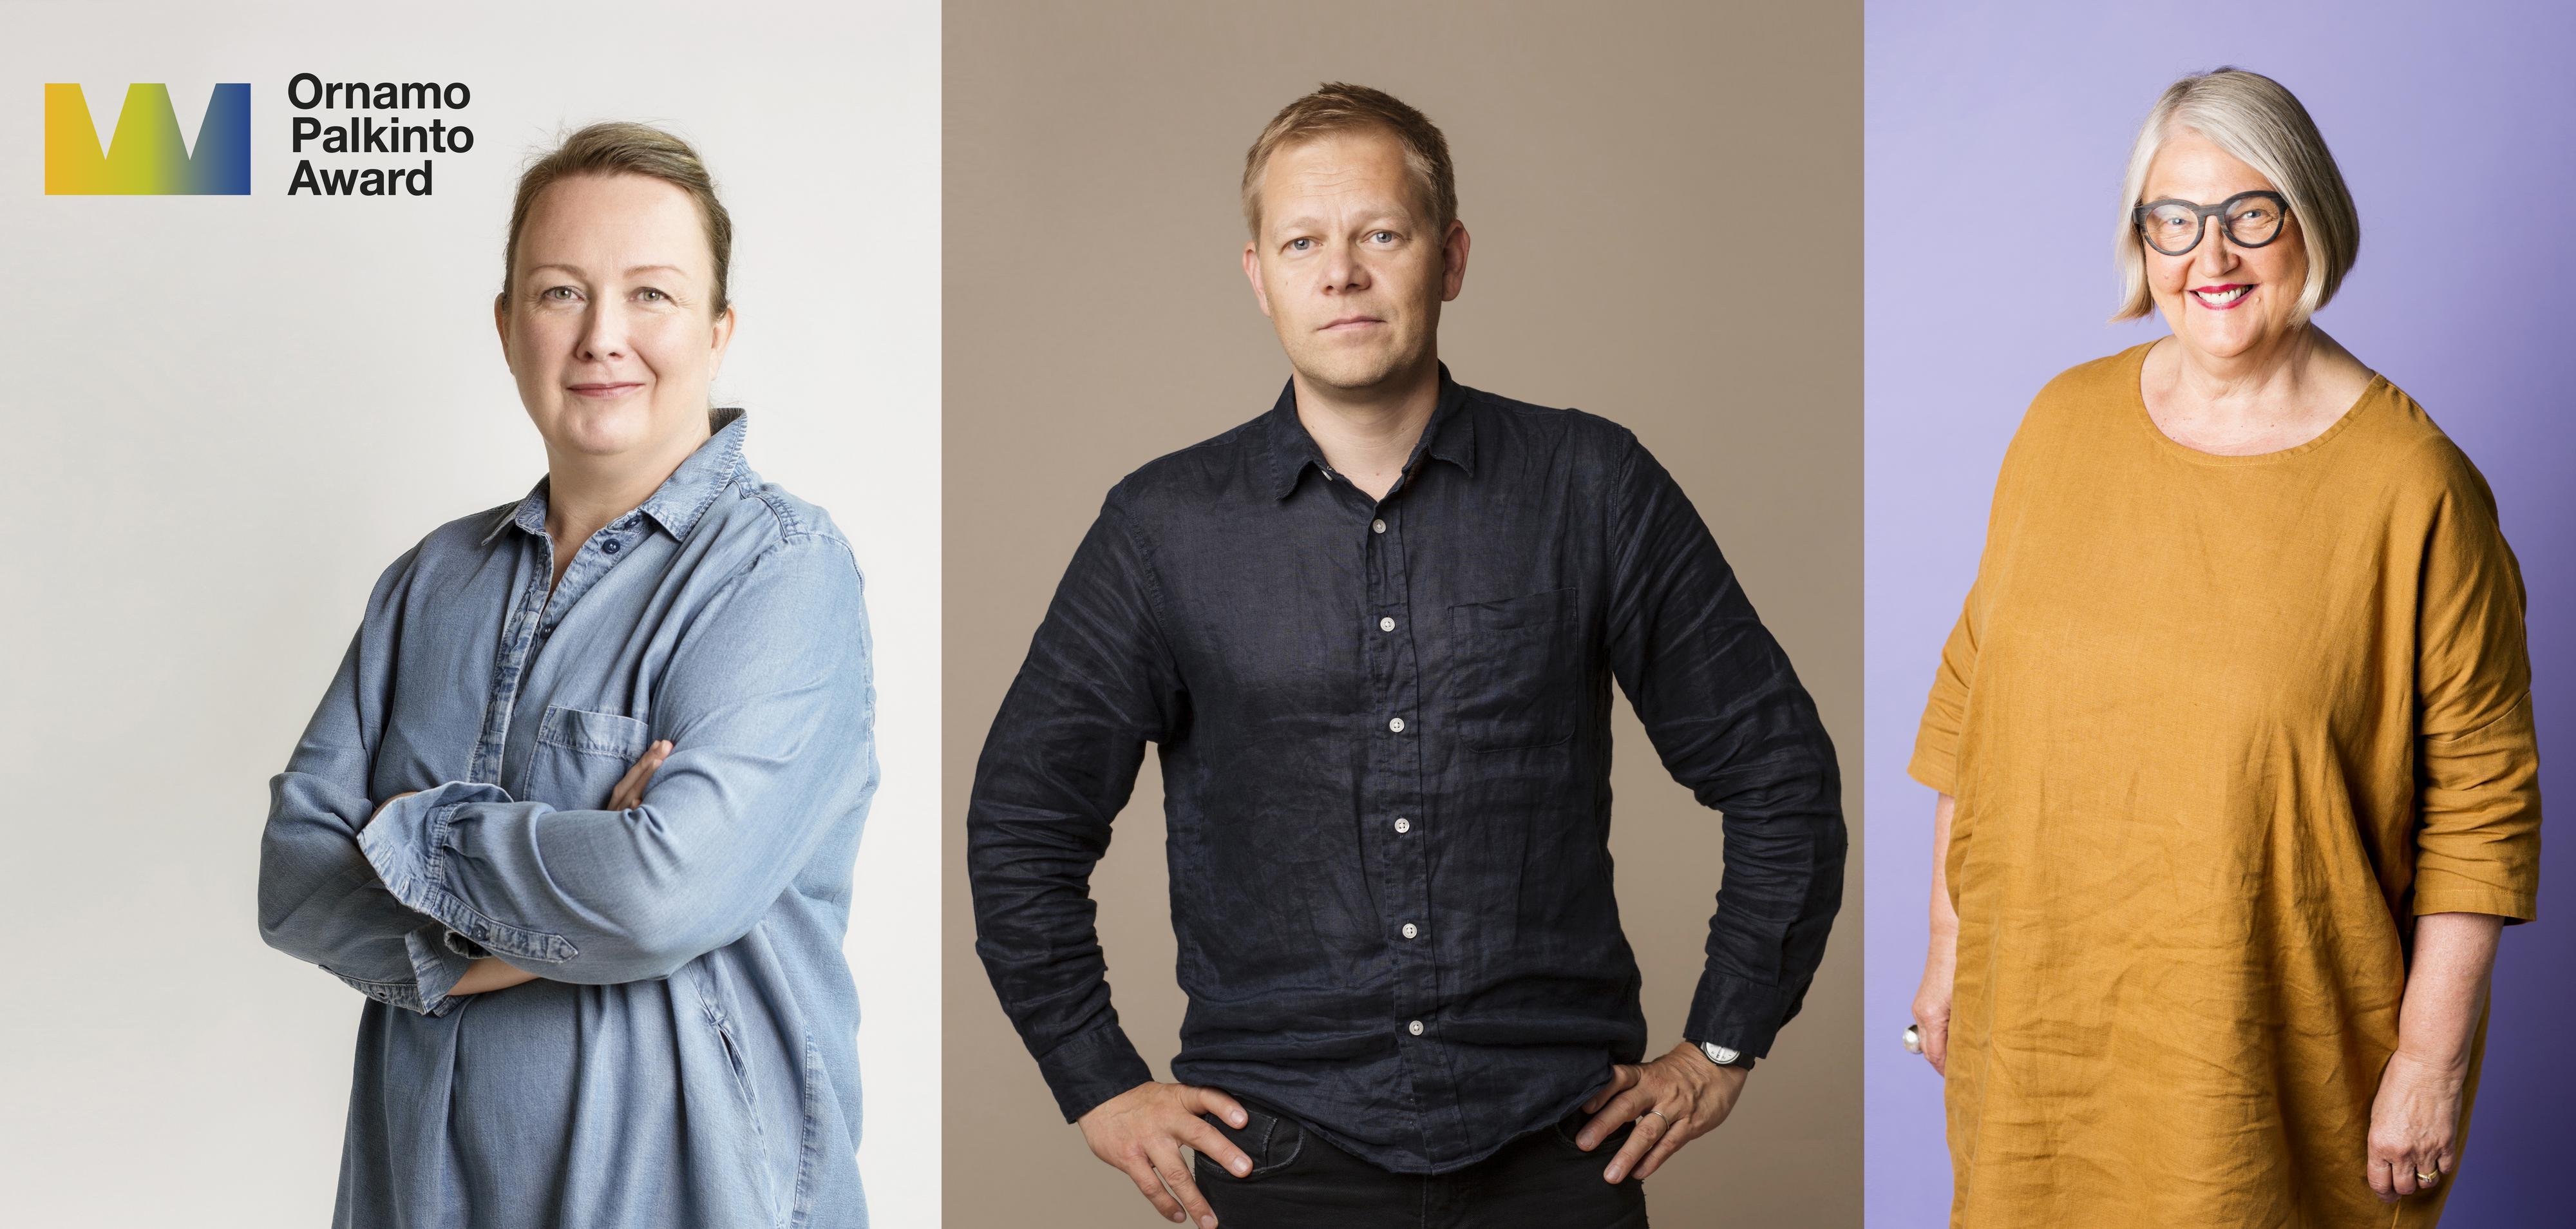 Ornamo-palkintoehdokkaat 2019: Minna Peltomäki, Ville Kokkonen ja Maija Arela. Kuva: Anni Koponen.